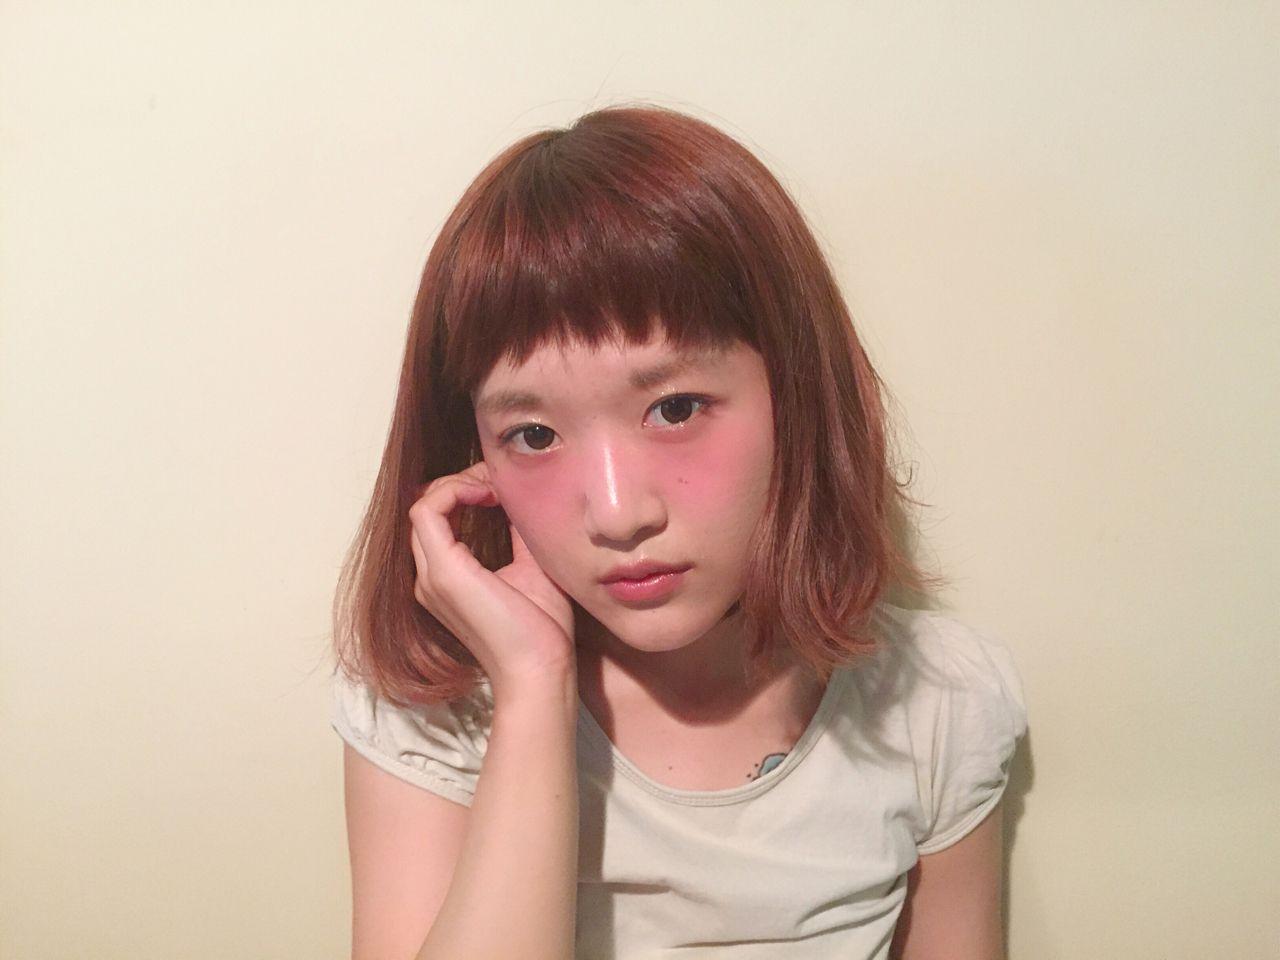 ナチュラル ボブ モテ髪 愛され ヘアスタイルや髪型の写真・画像 | Chihiro Hayakawa /